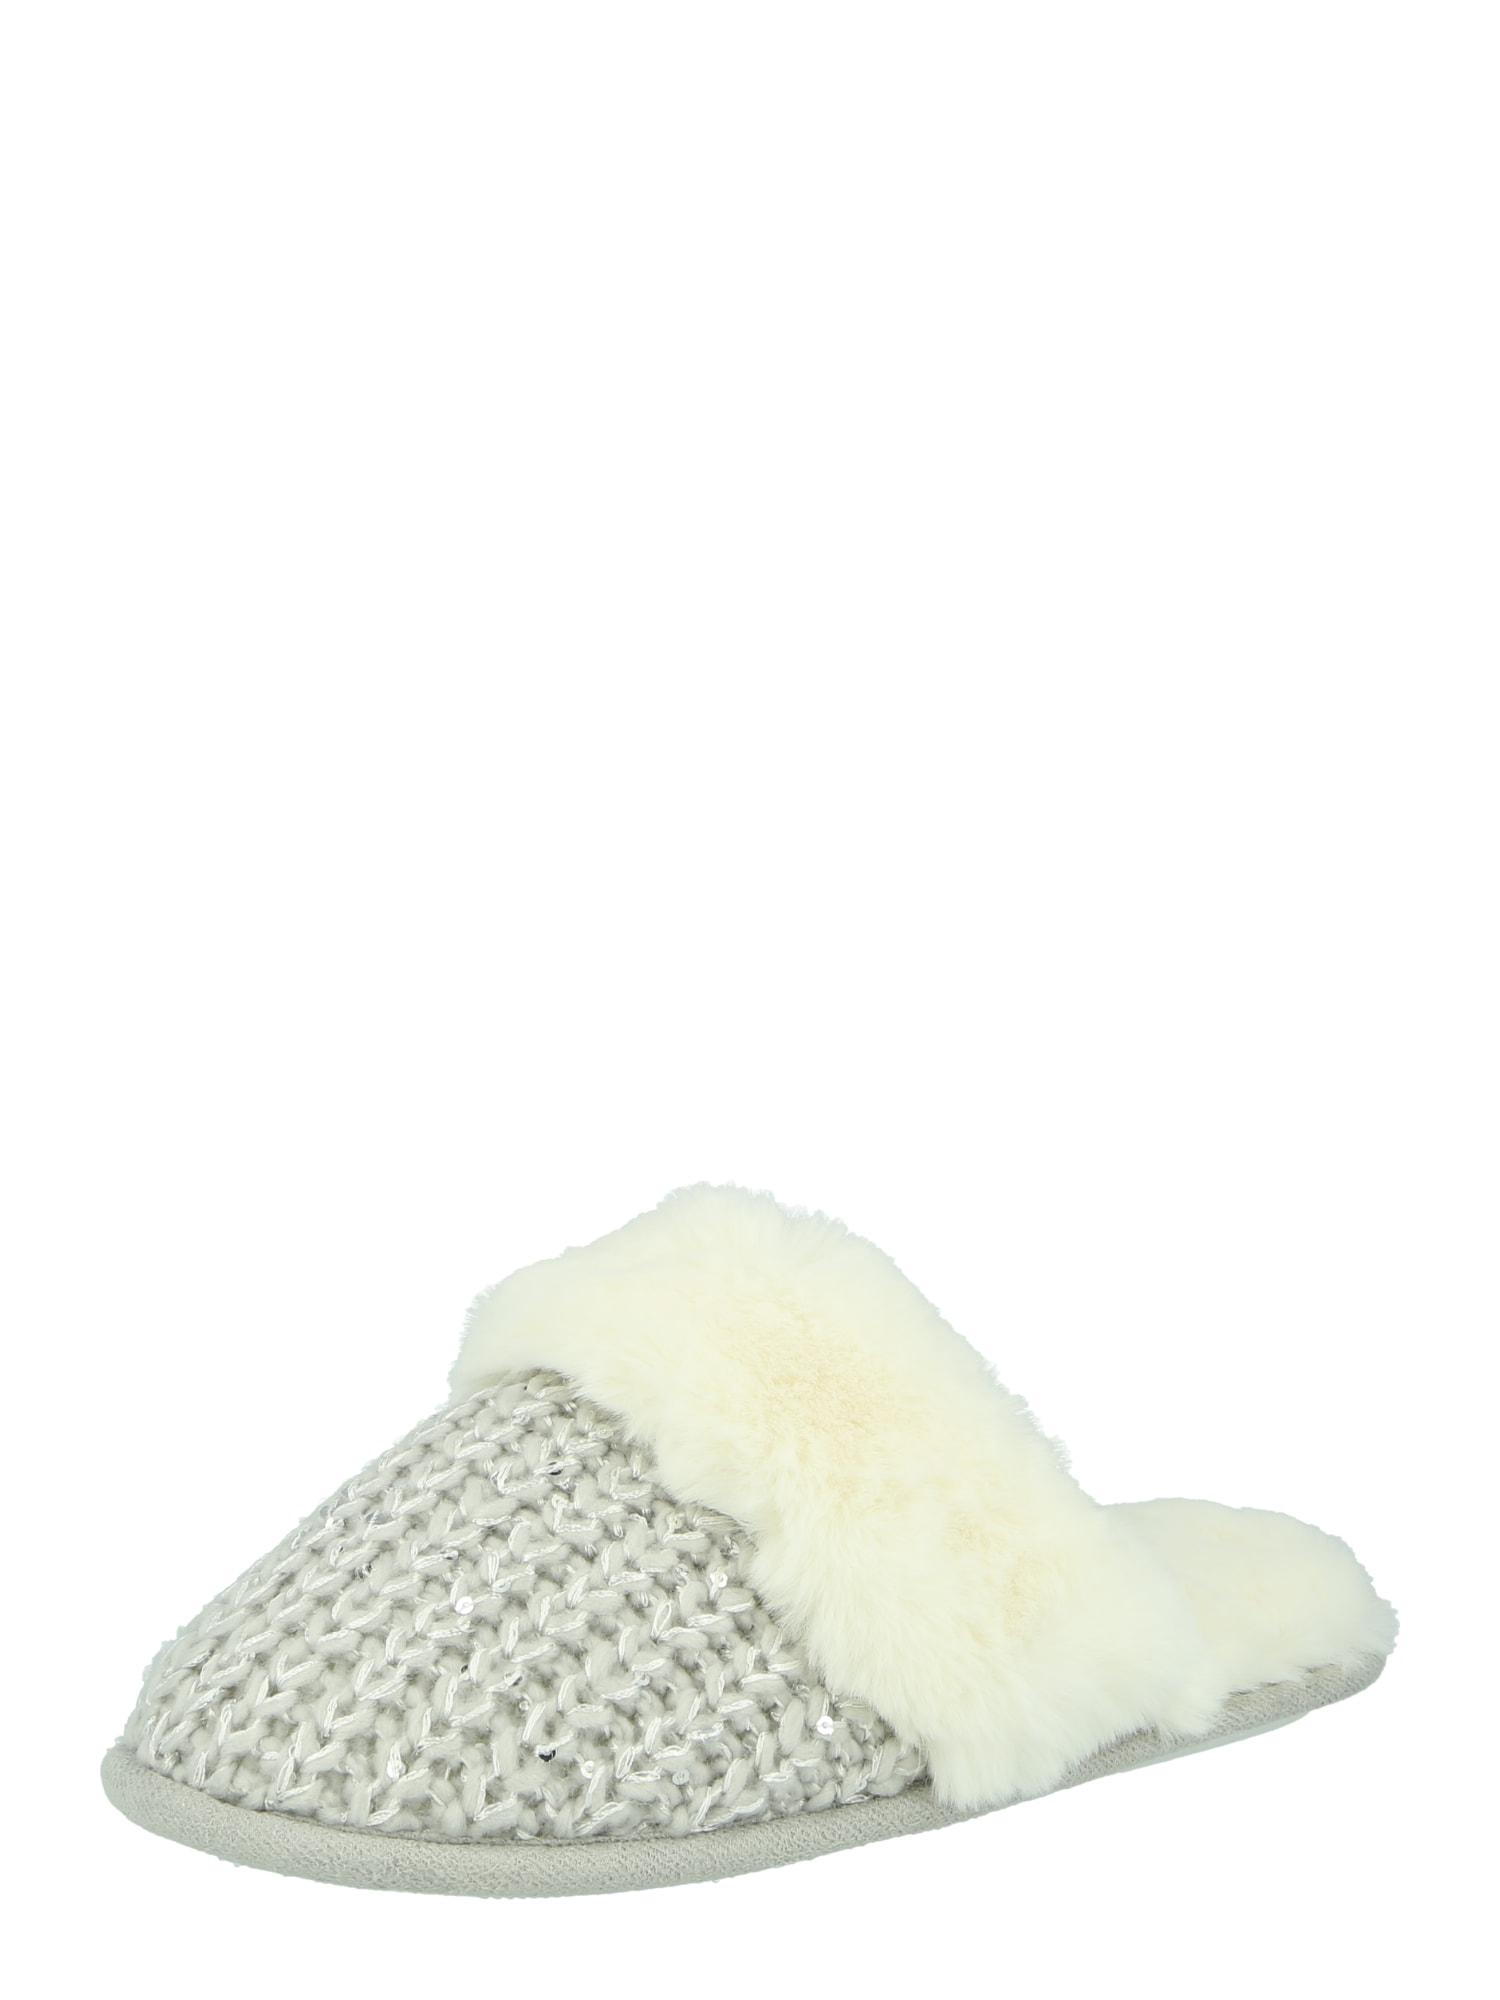 NEW LOOK Naminės šlepetės 'QUIN' šviesiai pilka / sidabrinė / balta